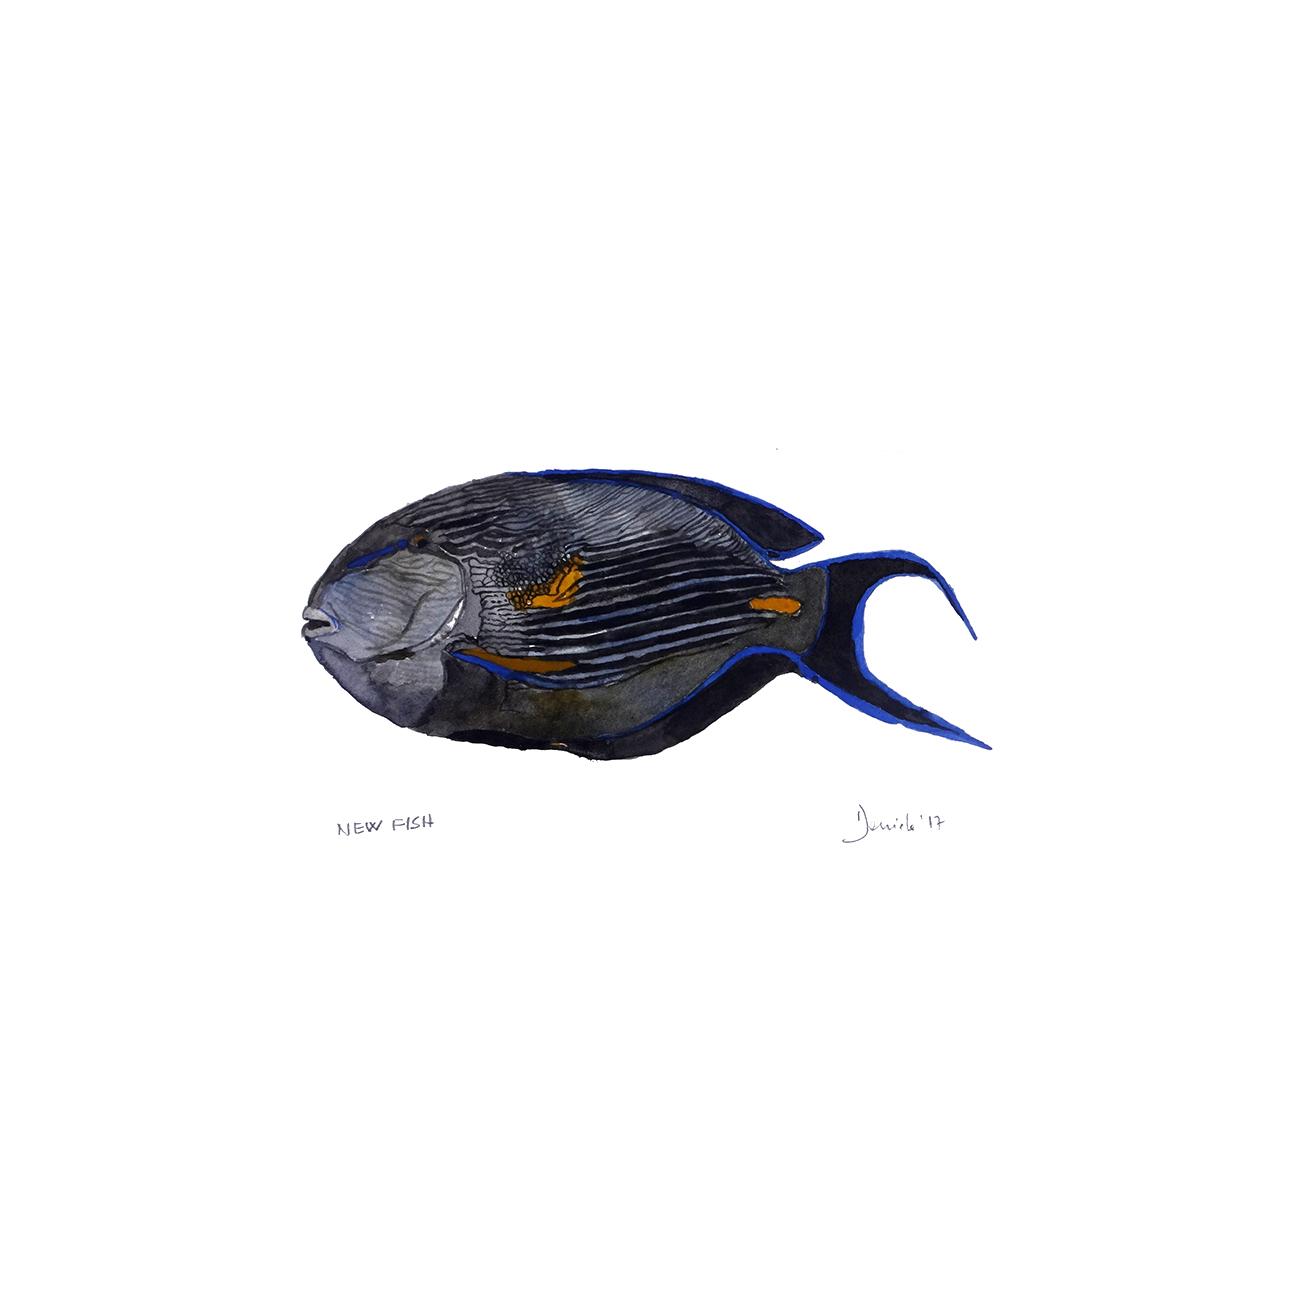 New fish, 2017